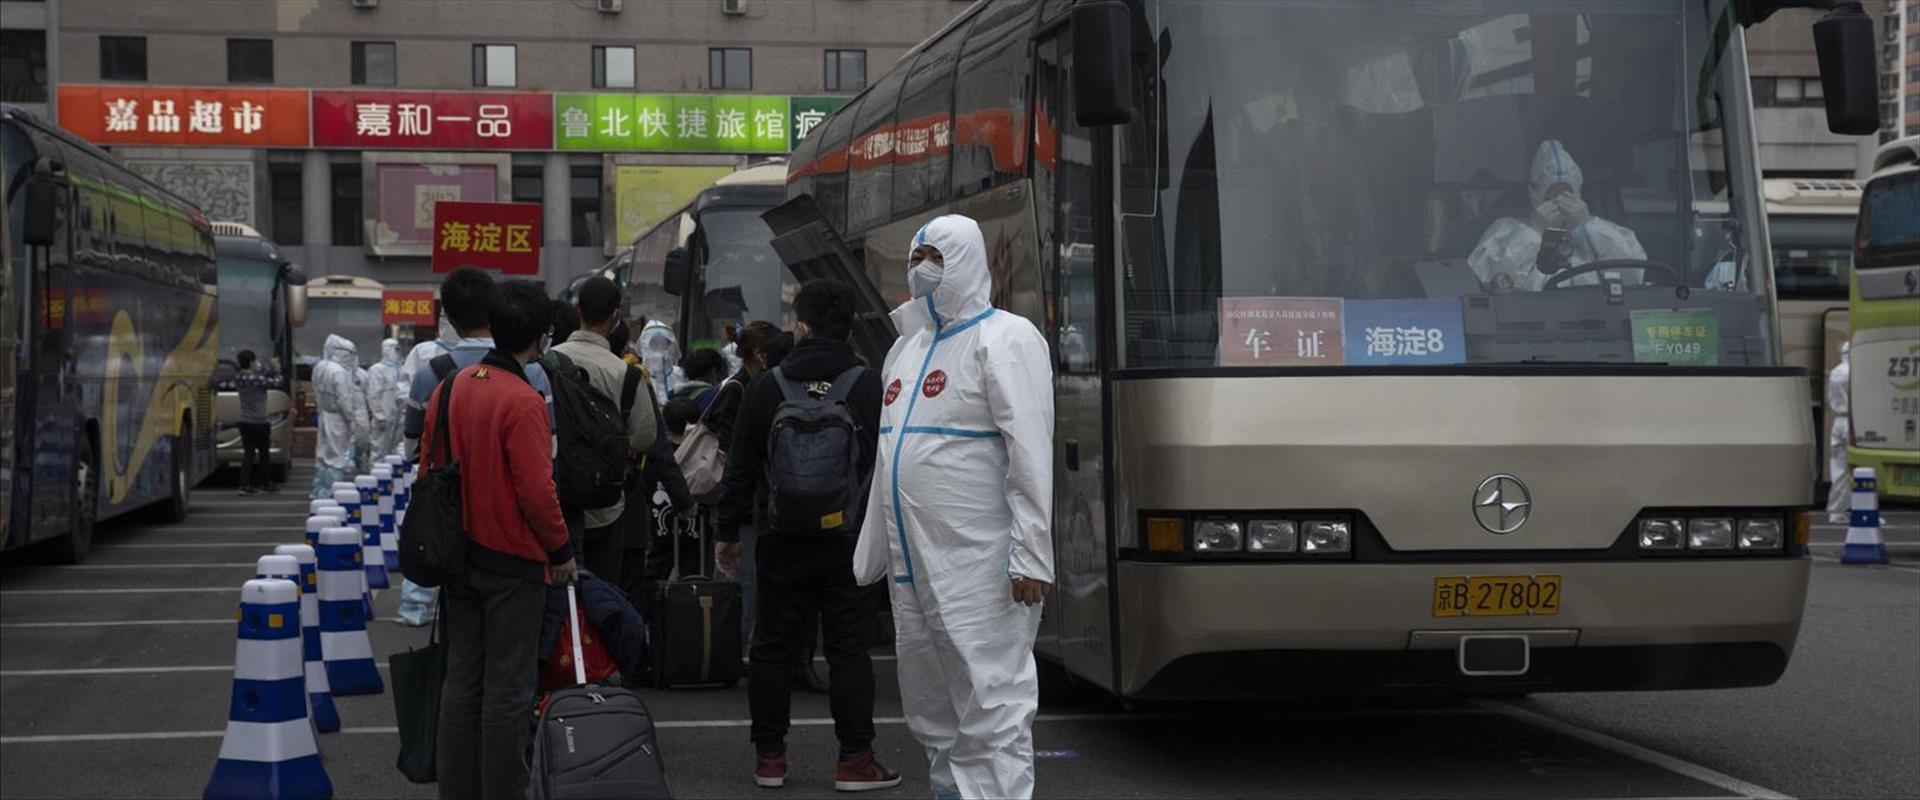 ווהאן - מוקד התפרצות קורונה בסין